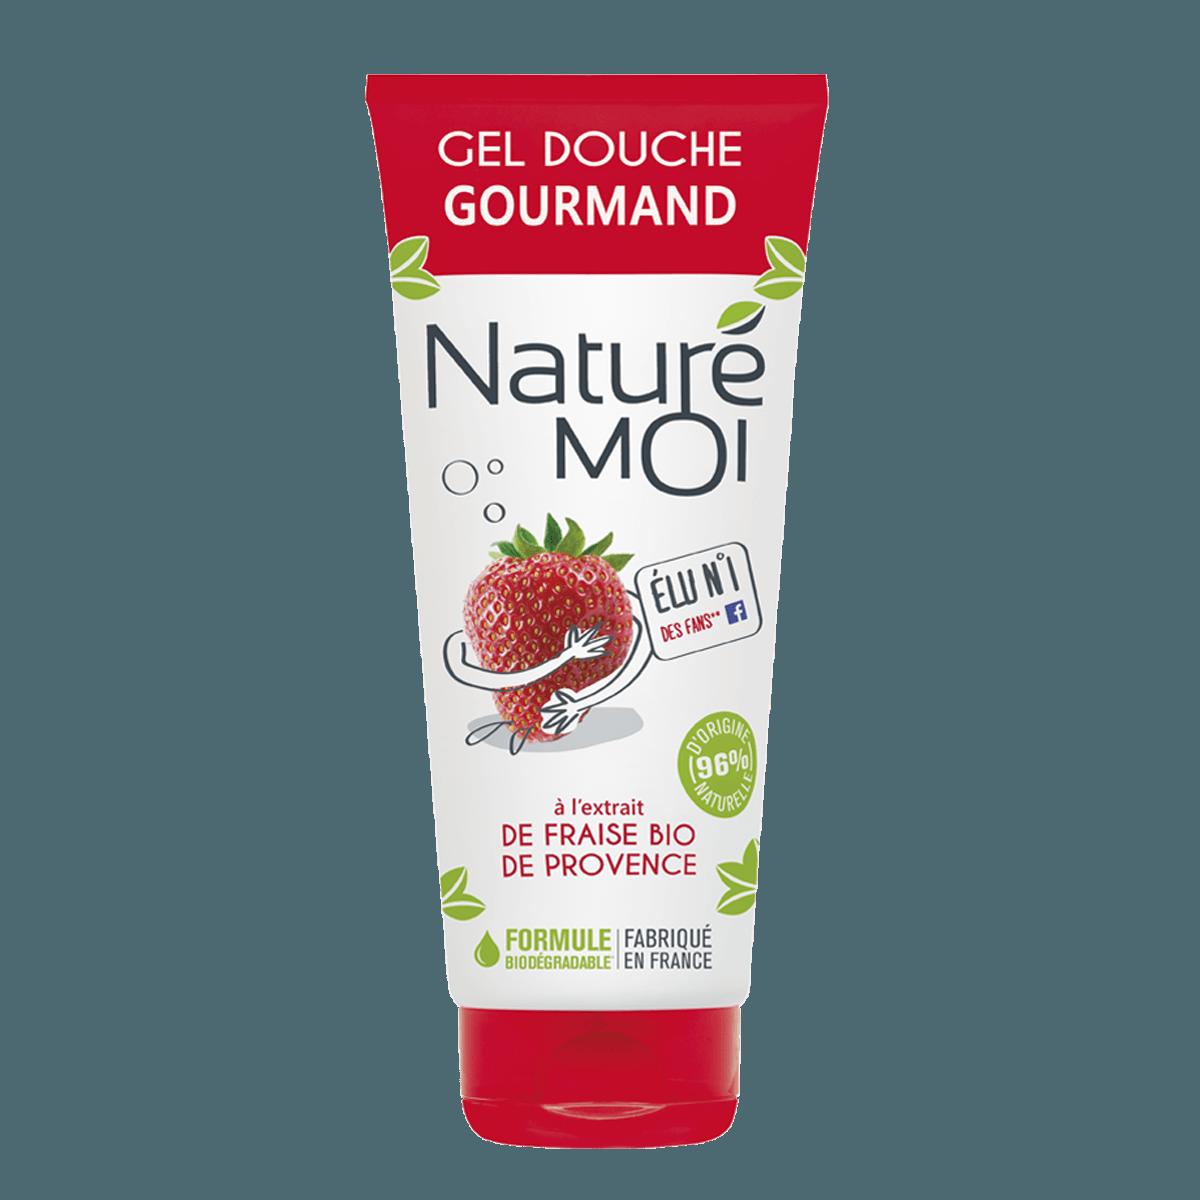 Image Crème Douche gourmand à la fraise BIO de Provence